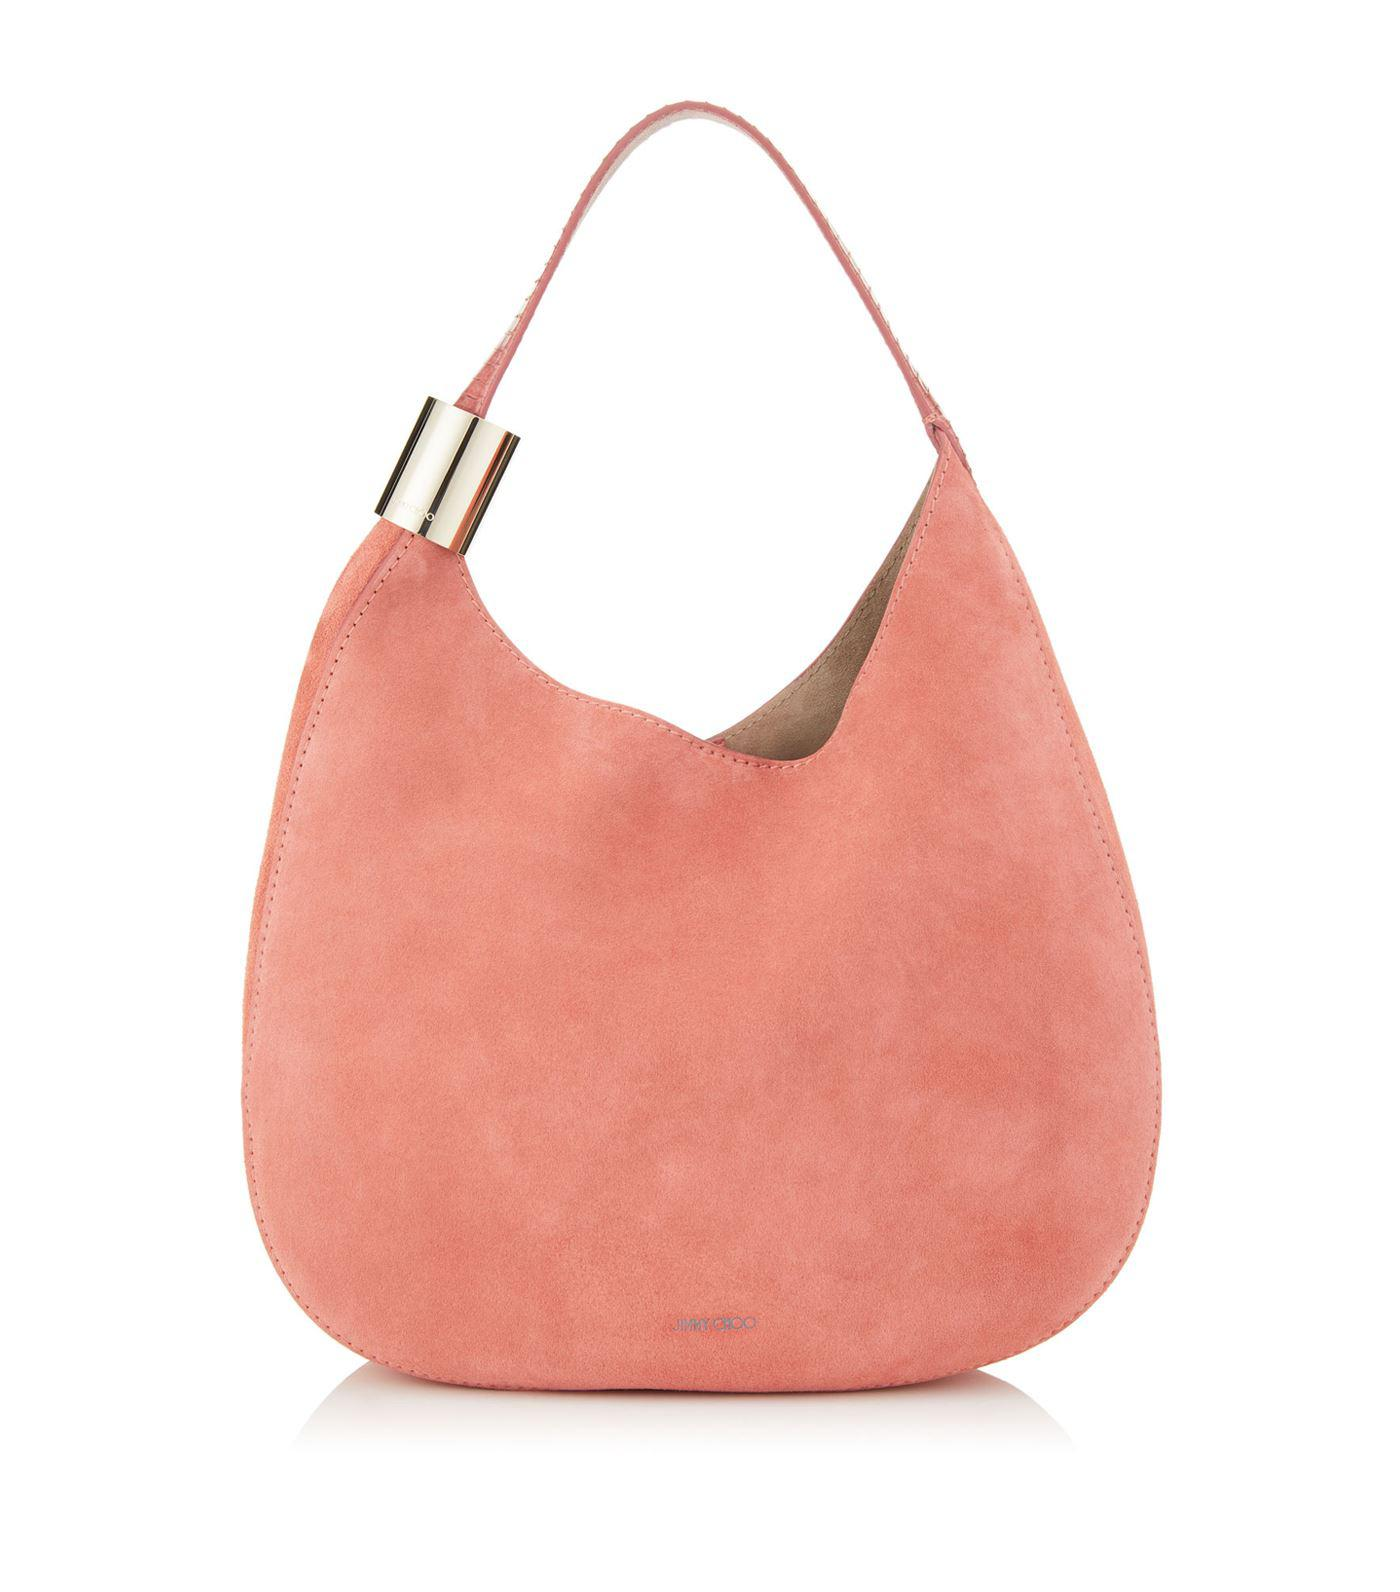 7d4c7c362e Lyst - Jimmy Choo Suede Stevie Shoulder Bag in Pink